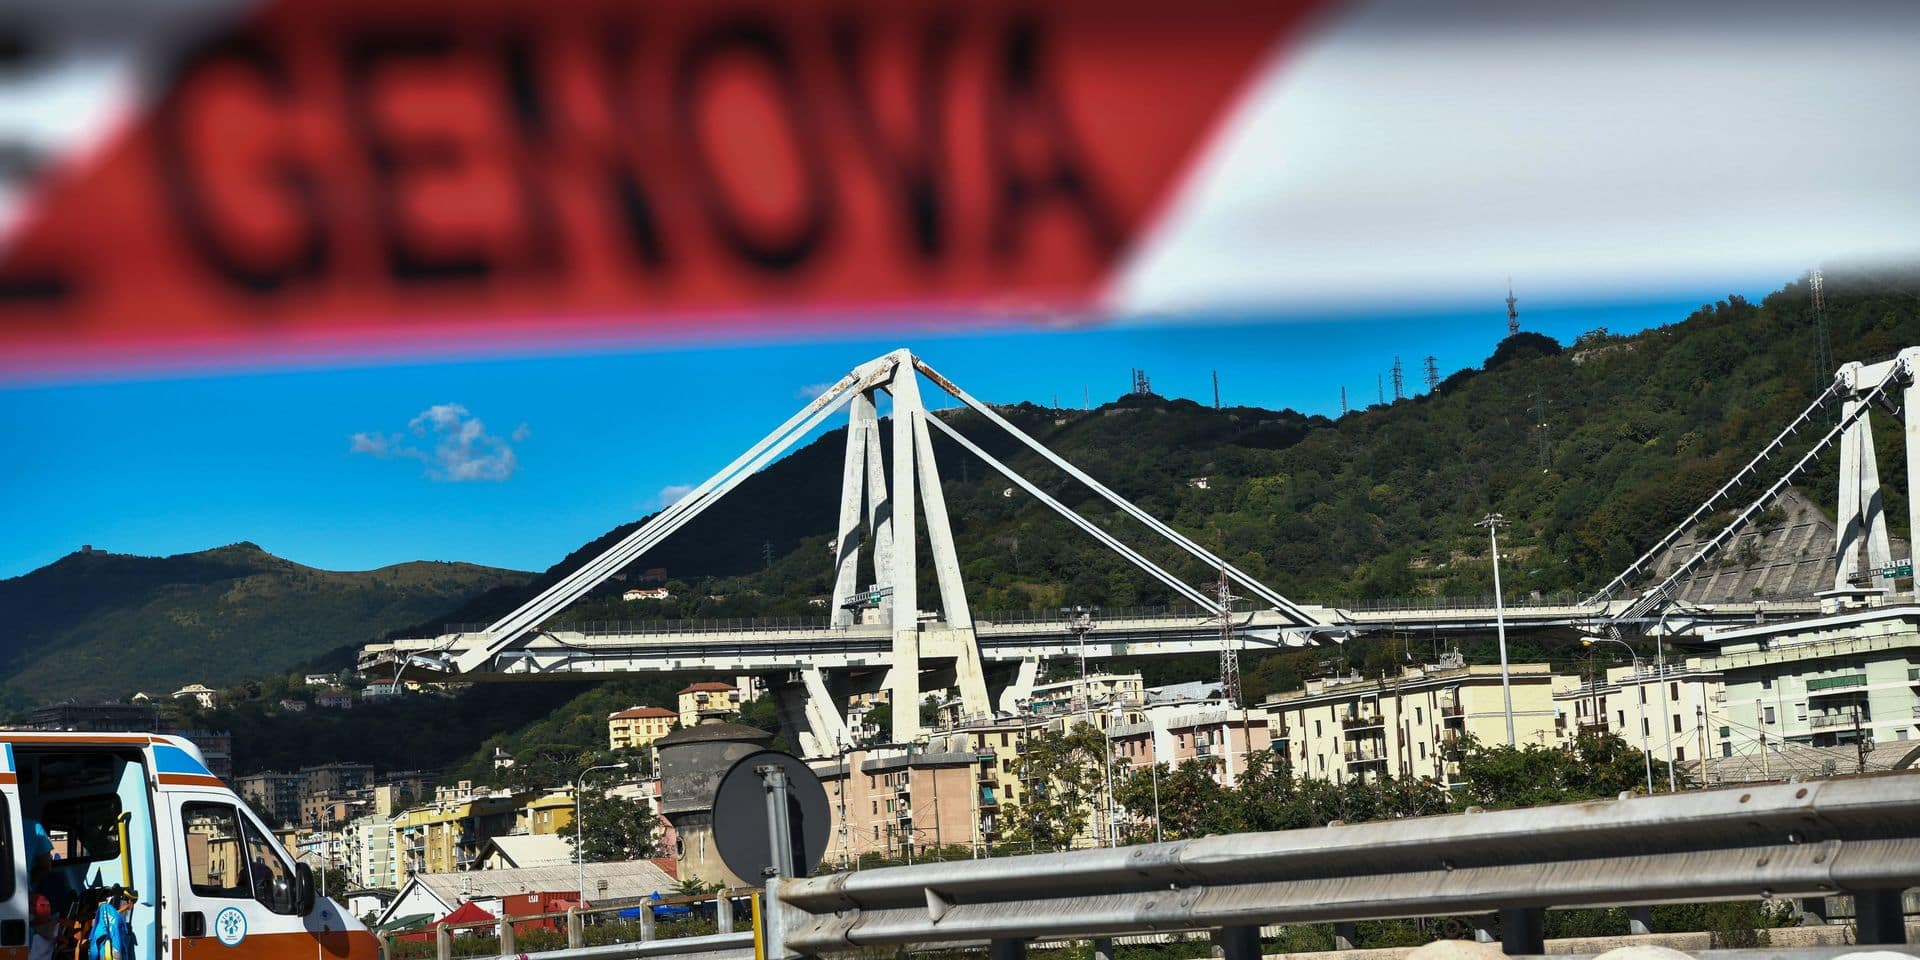 """Effondrement d'un viaduc à Gênes: la société en charge affirme que le pont était contrôlé, l'""""état d'urgence"""" déclaré"""